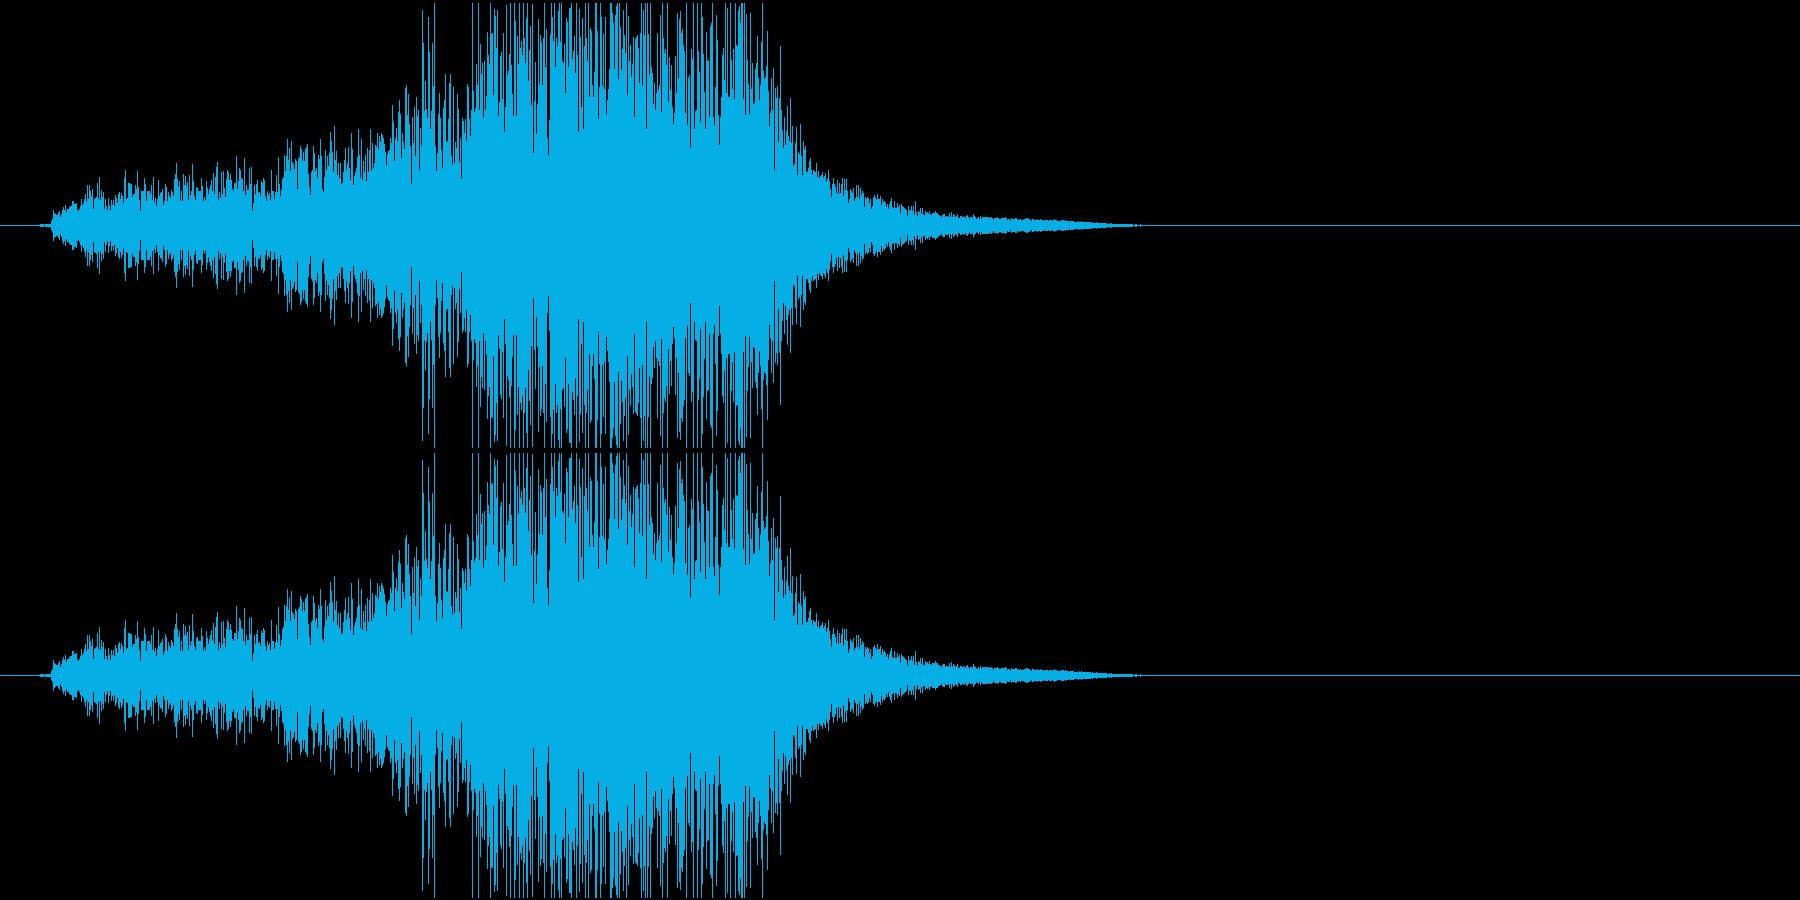 Katana 大型の剣を鞘から抜く音の再生済みの波形